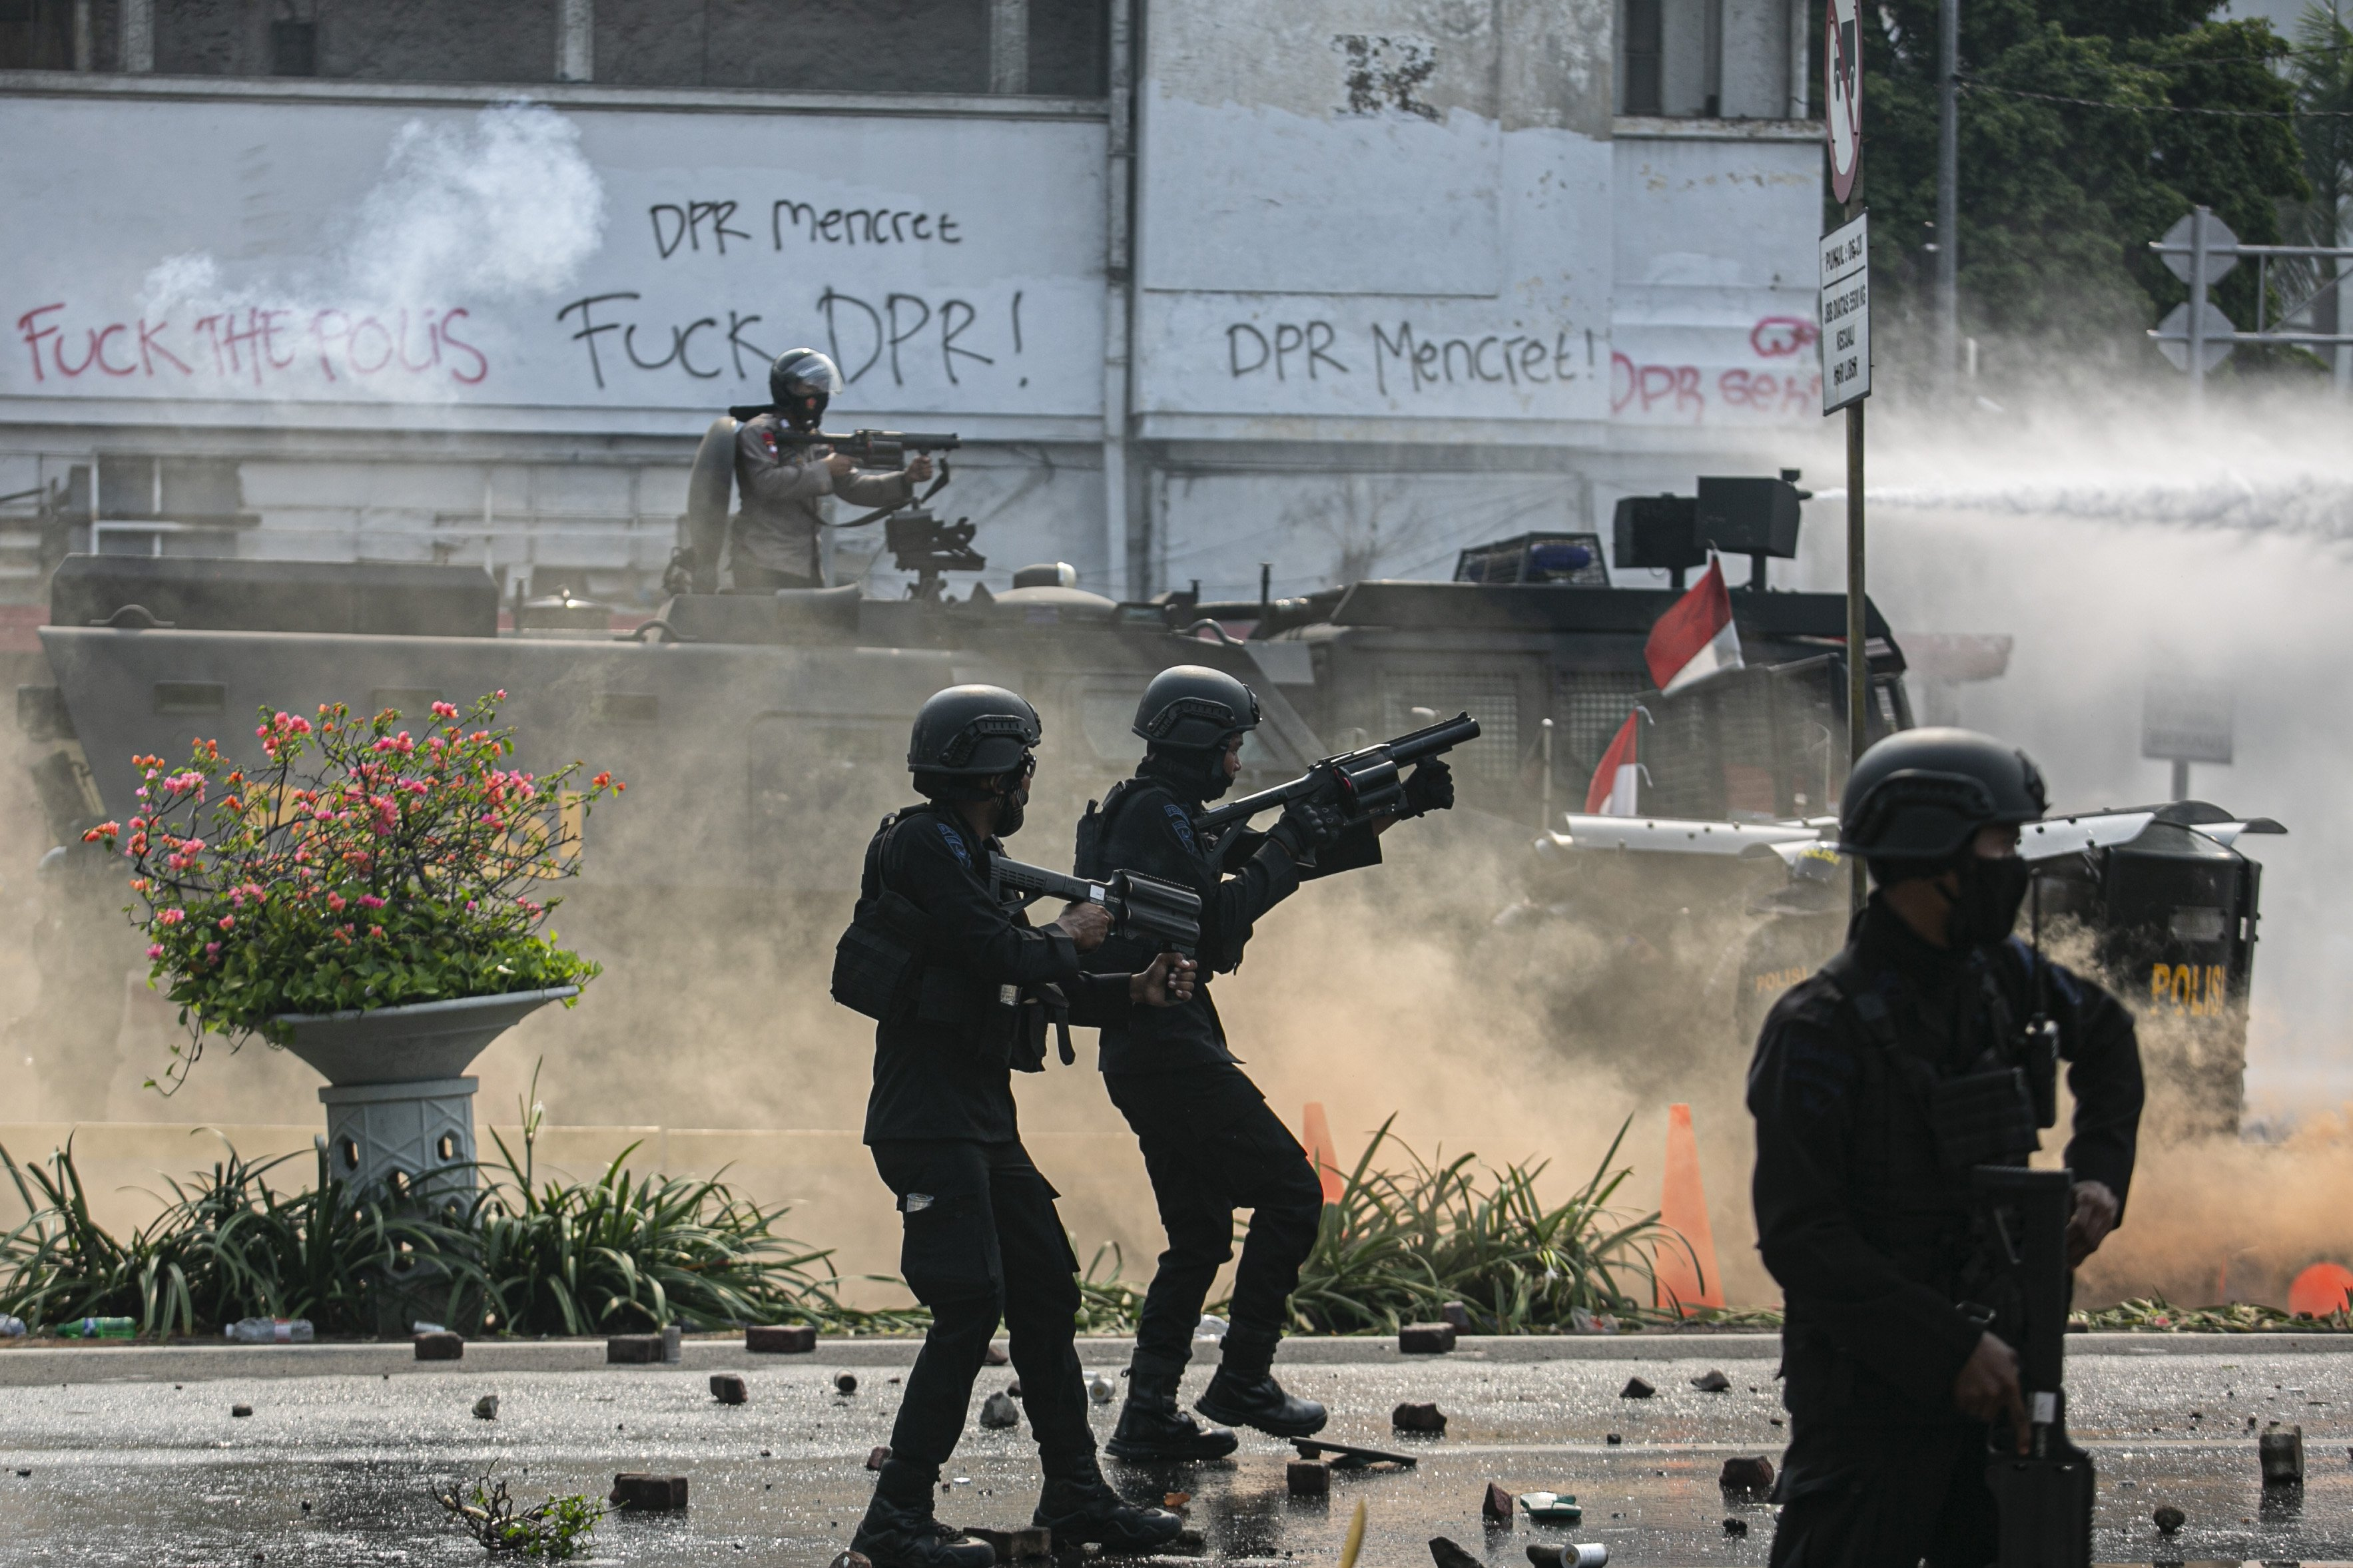 Petugas kepolisian membubarkan Massa Aksi told Omnibus Law dengan menembakan gas air mata di Kawasan Harmoni, Jakarta Pusat, Kamis (8/10/2020). Aksi tersebut berujung bentrok dengan aparat kepolisian.